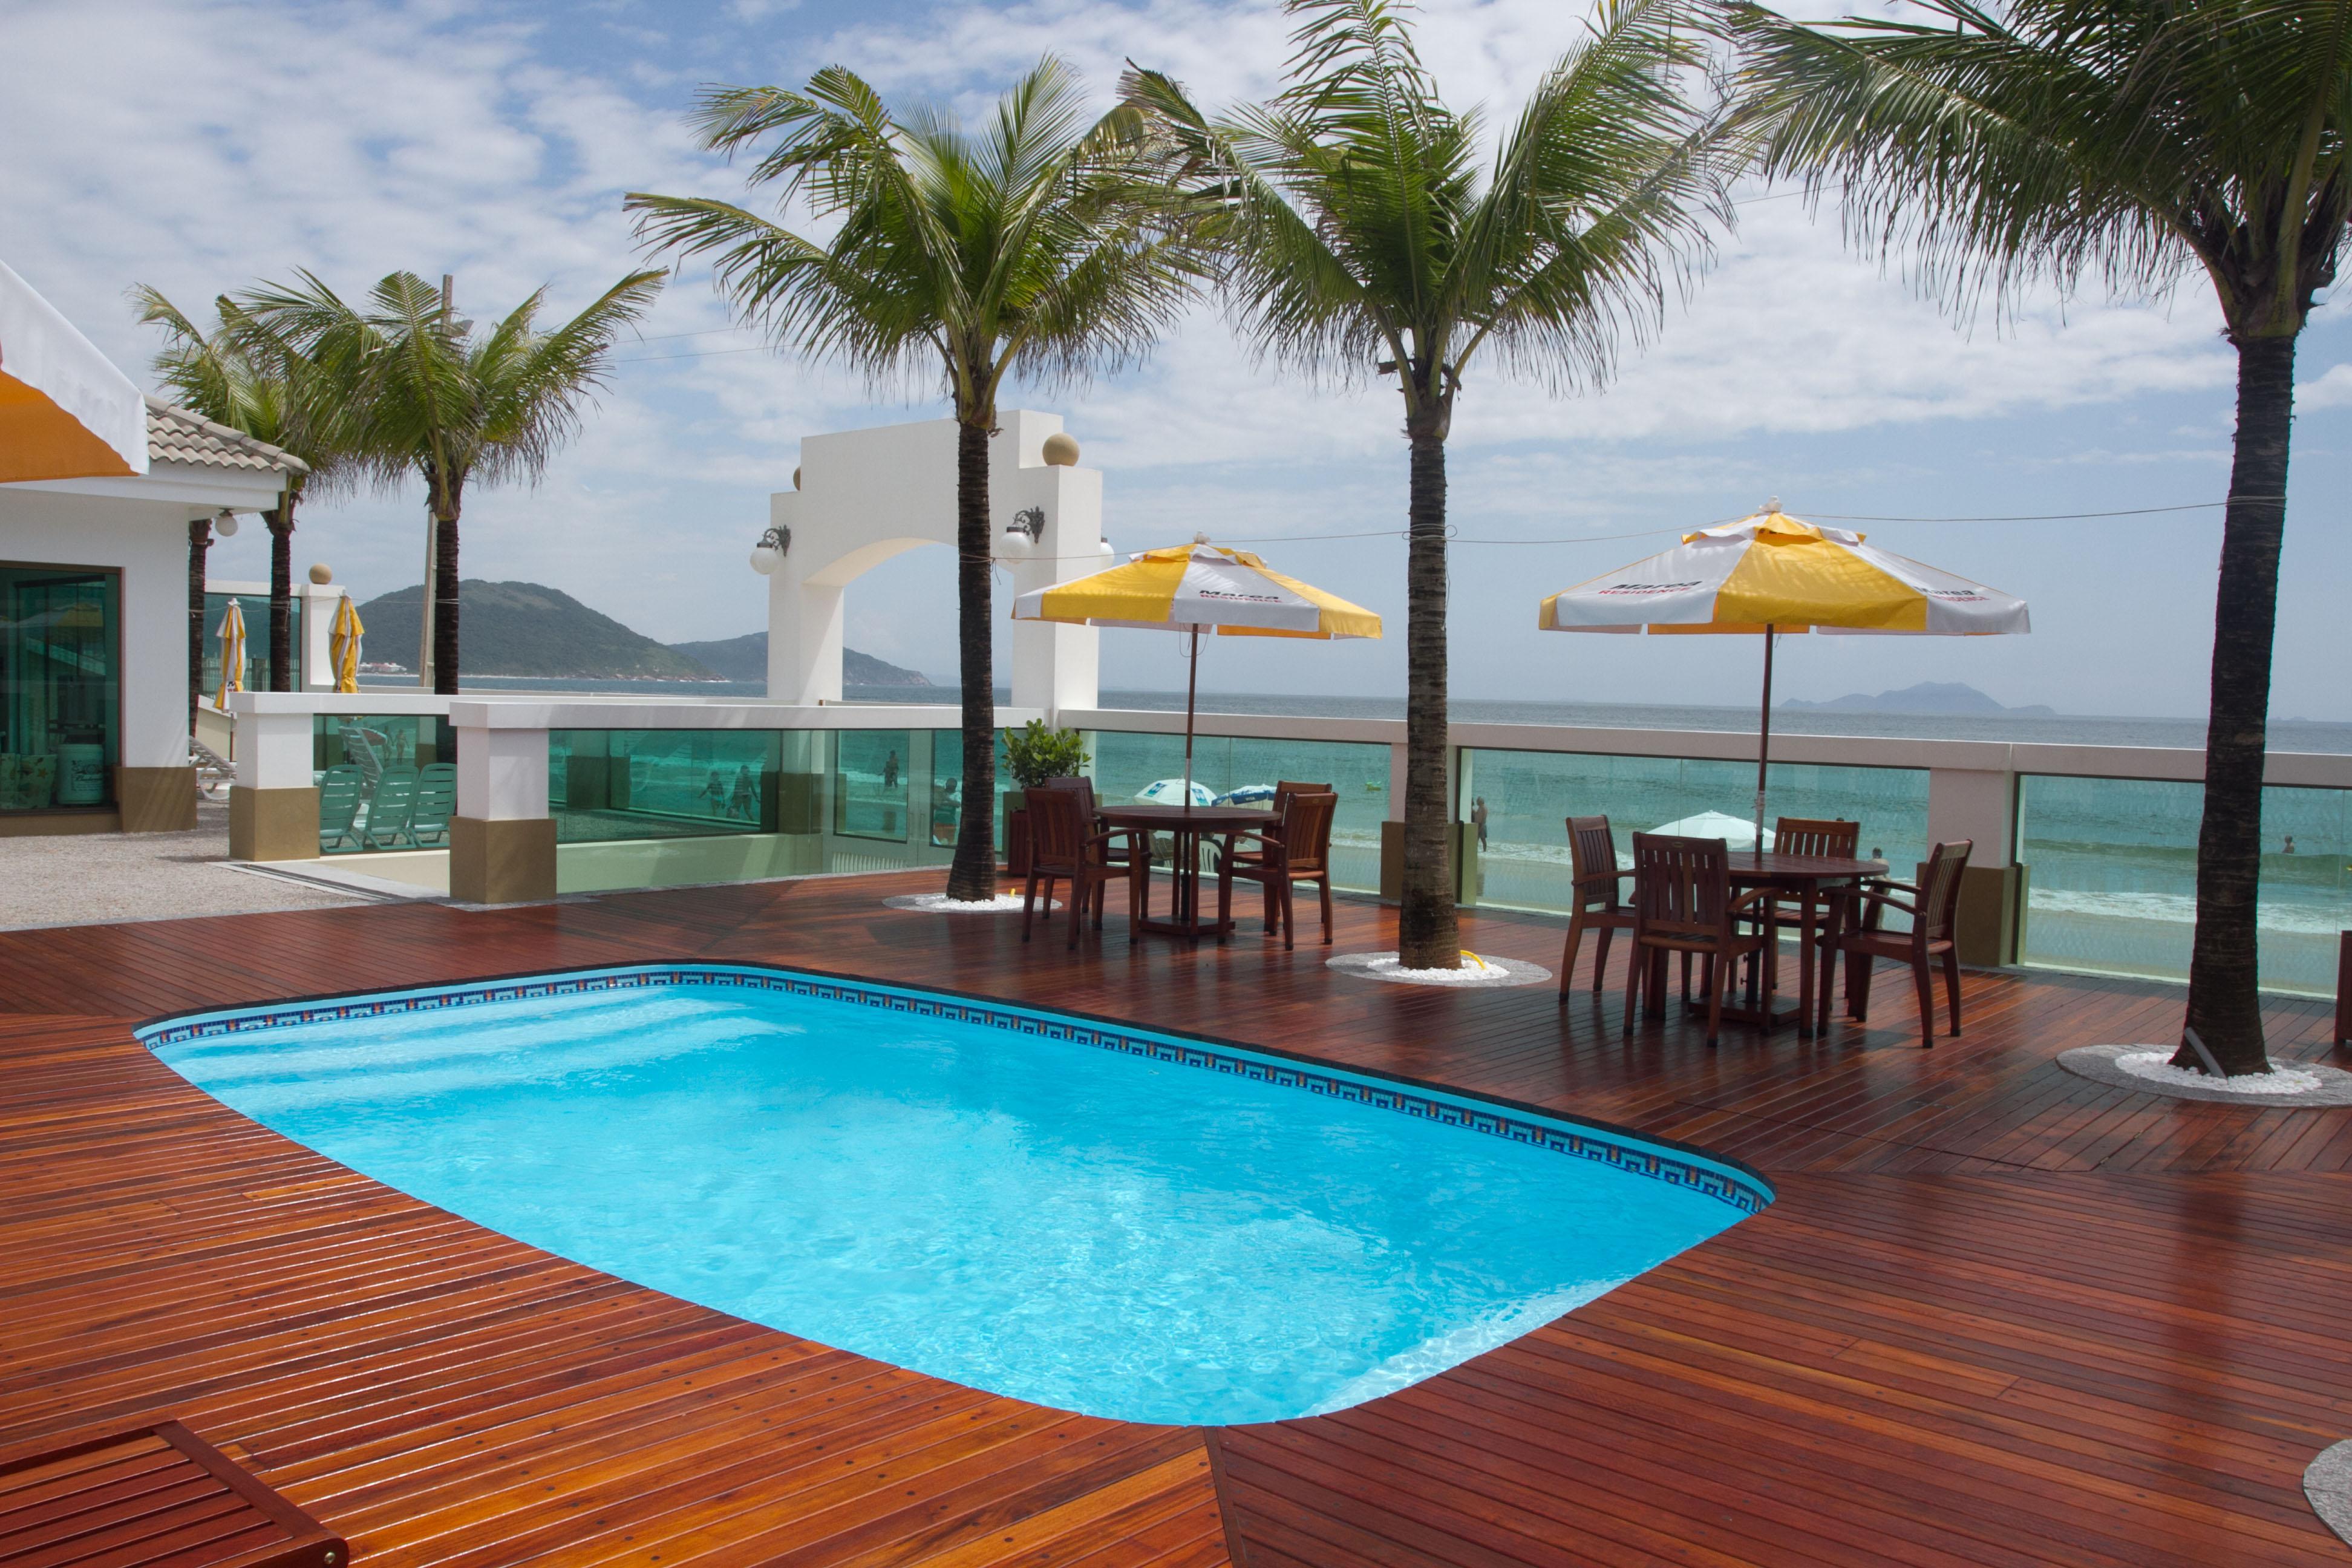 Ph piscinas for Bajar ph piscina